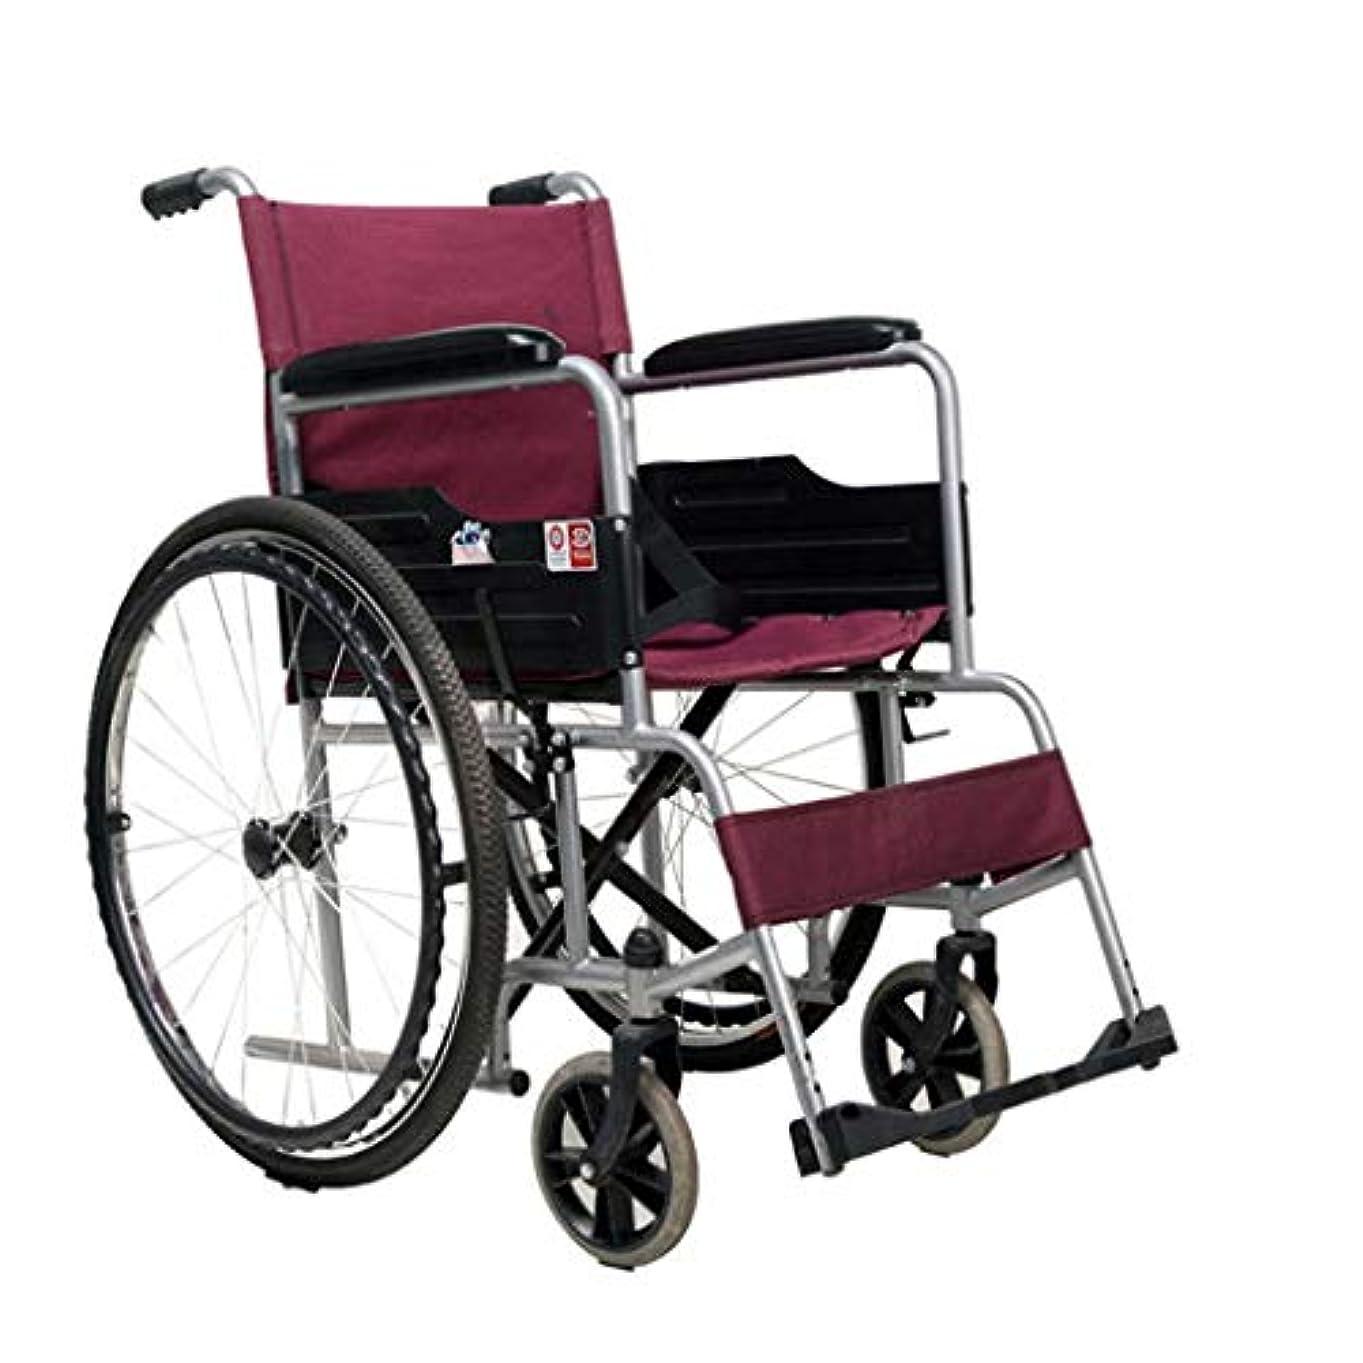 ほのめかす尊厳回答アルミ製車椅子、軽量折りたたみ式フレーム、客室乗務員用車椅子、携帯用輸送椅子、空気入りタイヤ